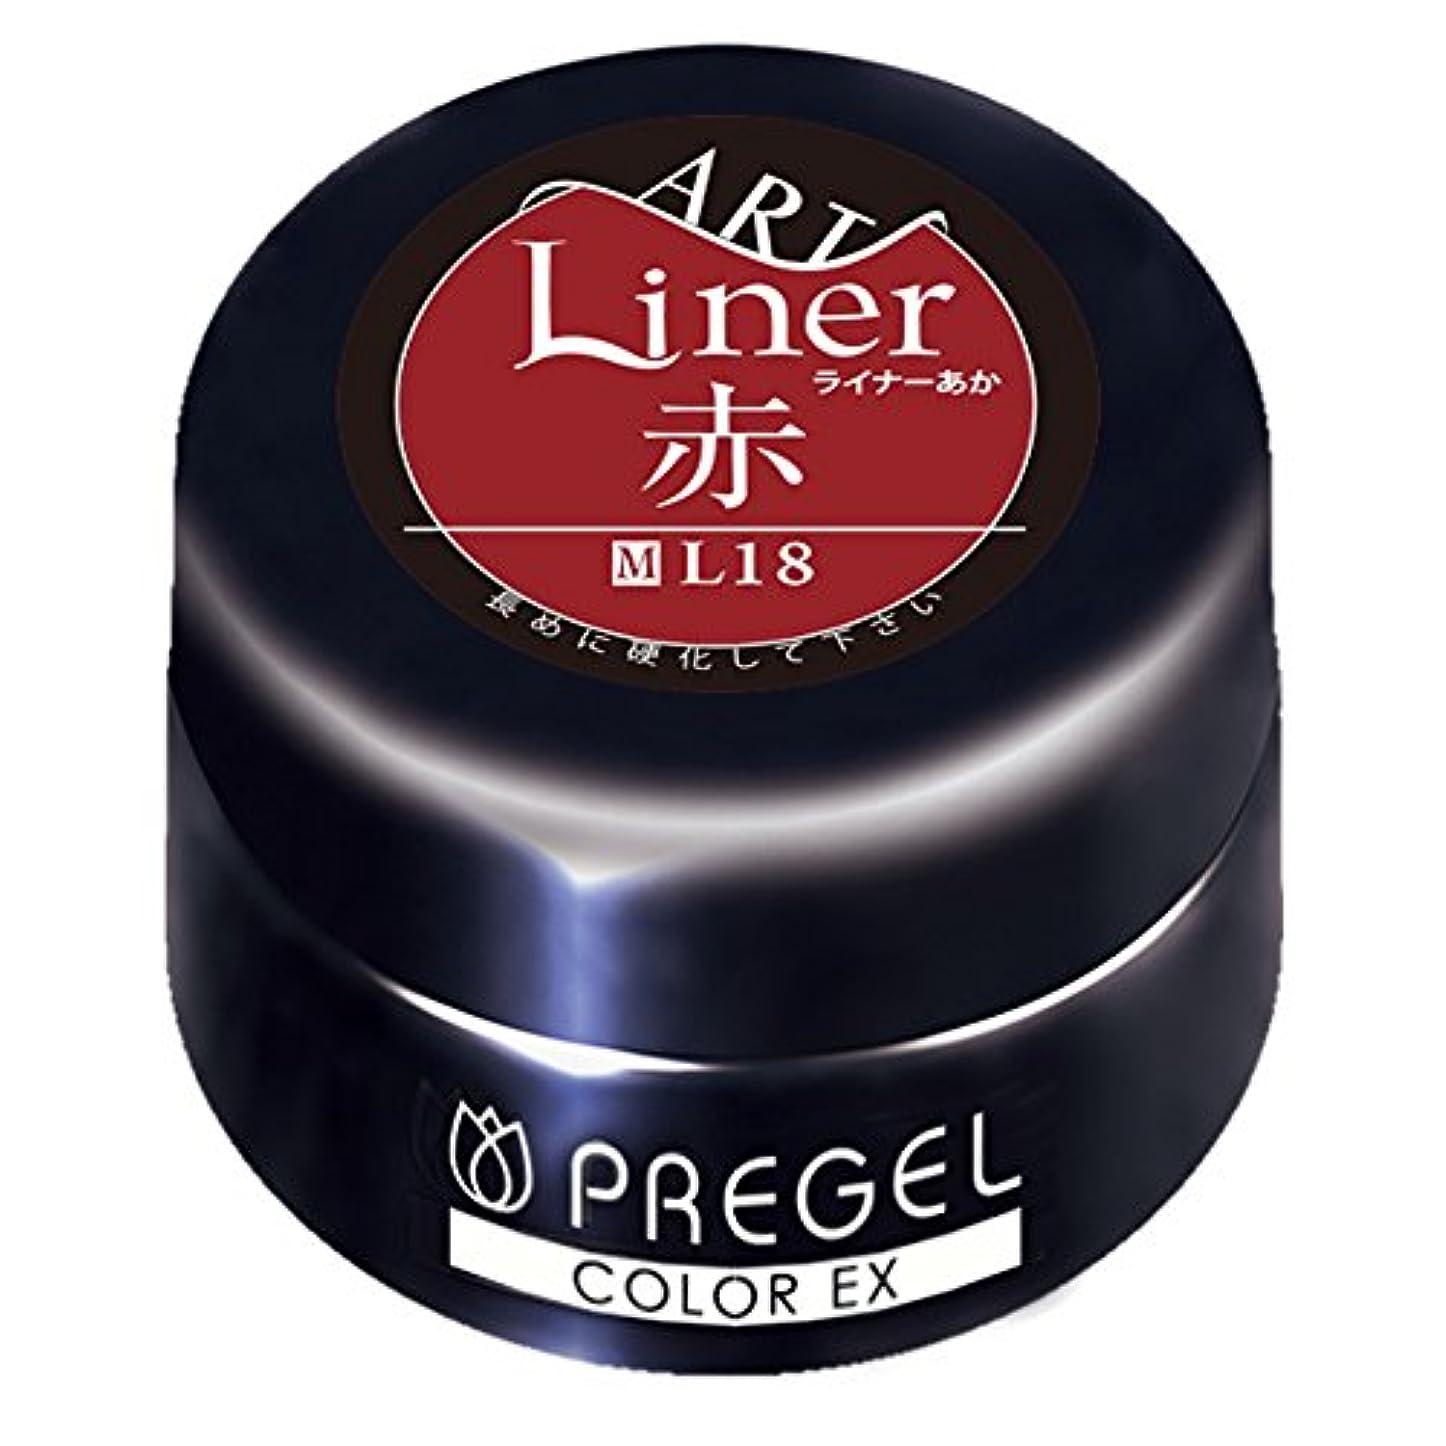 発明トロイの木馬を必要としていますPRE GEL カラーEX ライナー赤 3g PG-CEL18 UV/LED対応